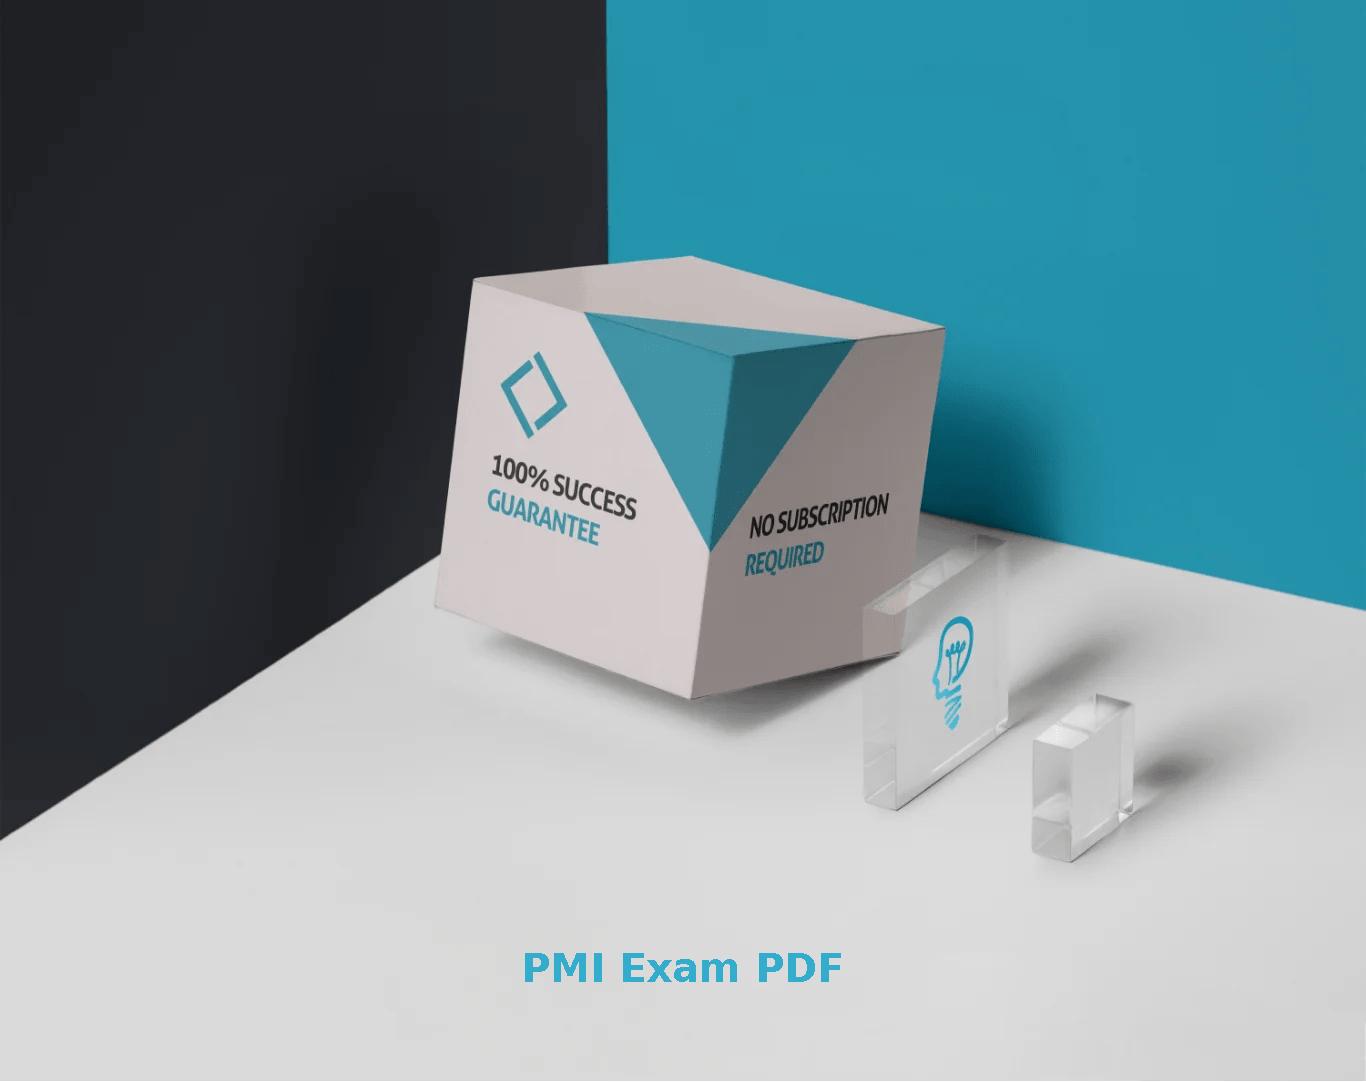 PMI Exam PDF